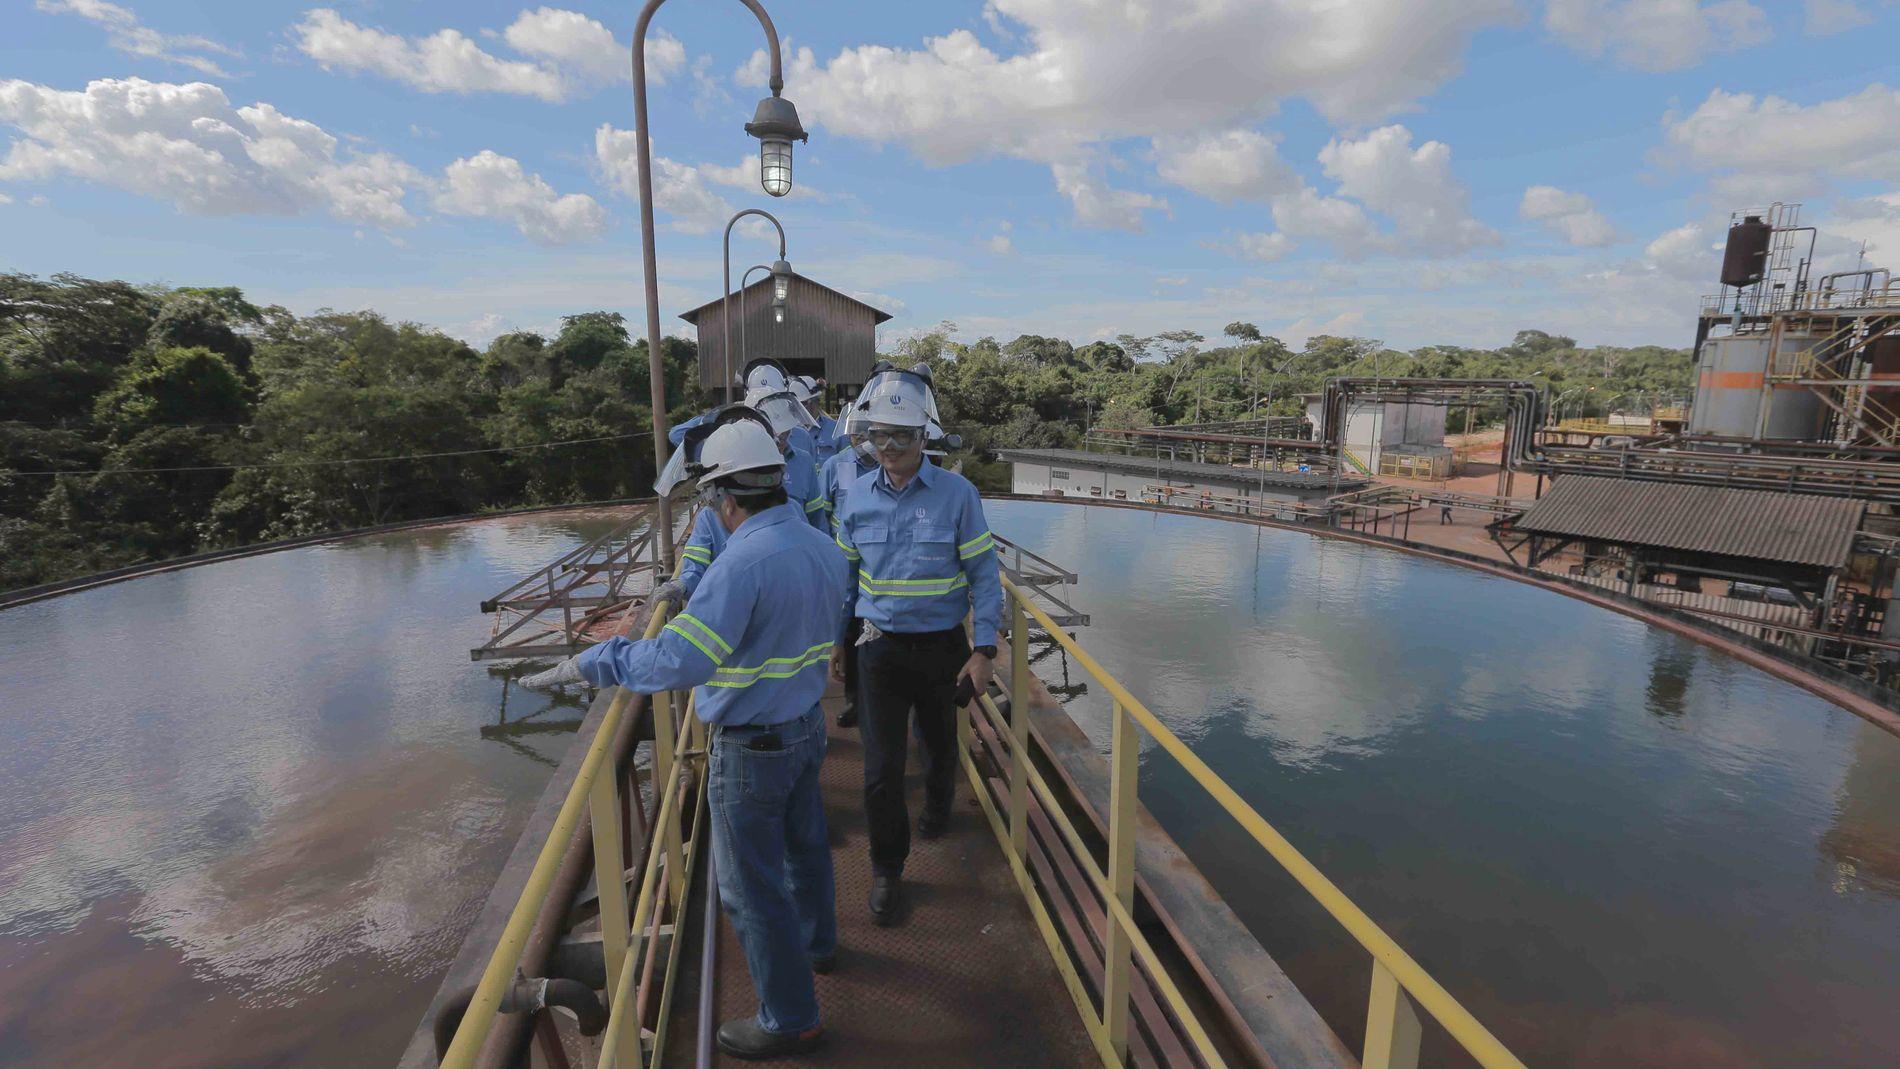 PÅ KRISEBESØK: Konsernsjef Svein Richard Brandtzæg i Norsk Hydro besøker selskapets anlegg i Brasil etter at dette ble rammet av ekstremvær.